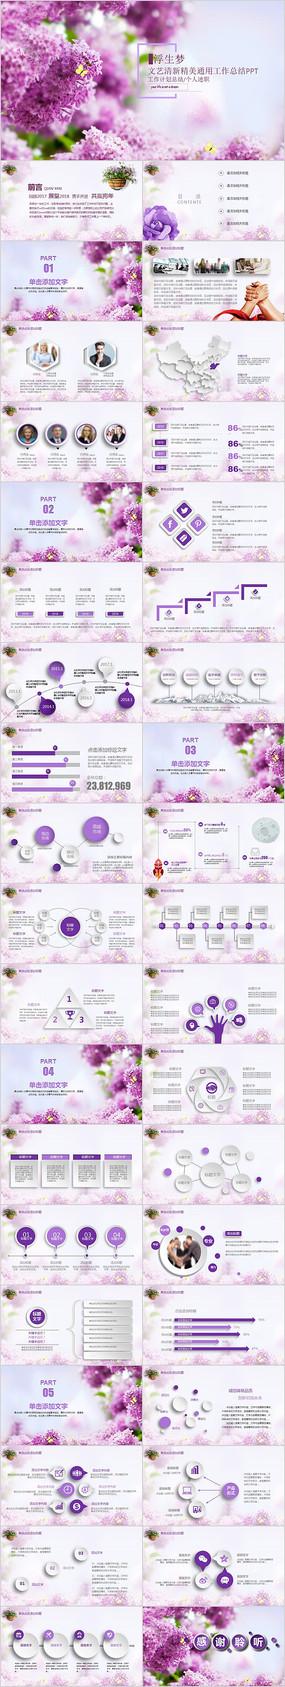 紫色小清新新年计划总结ppt